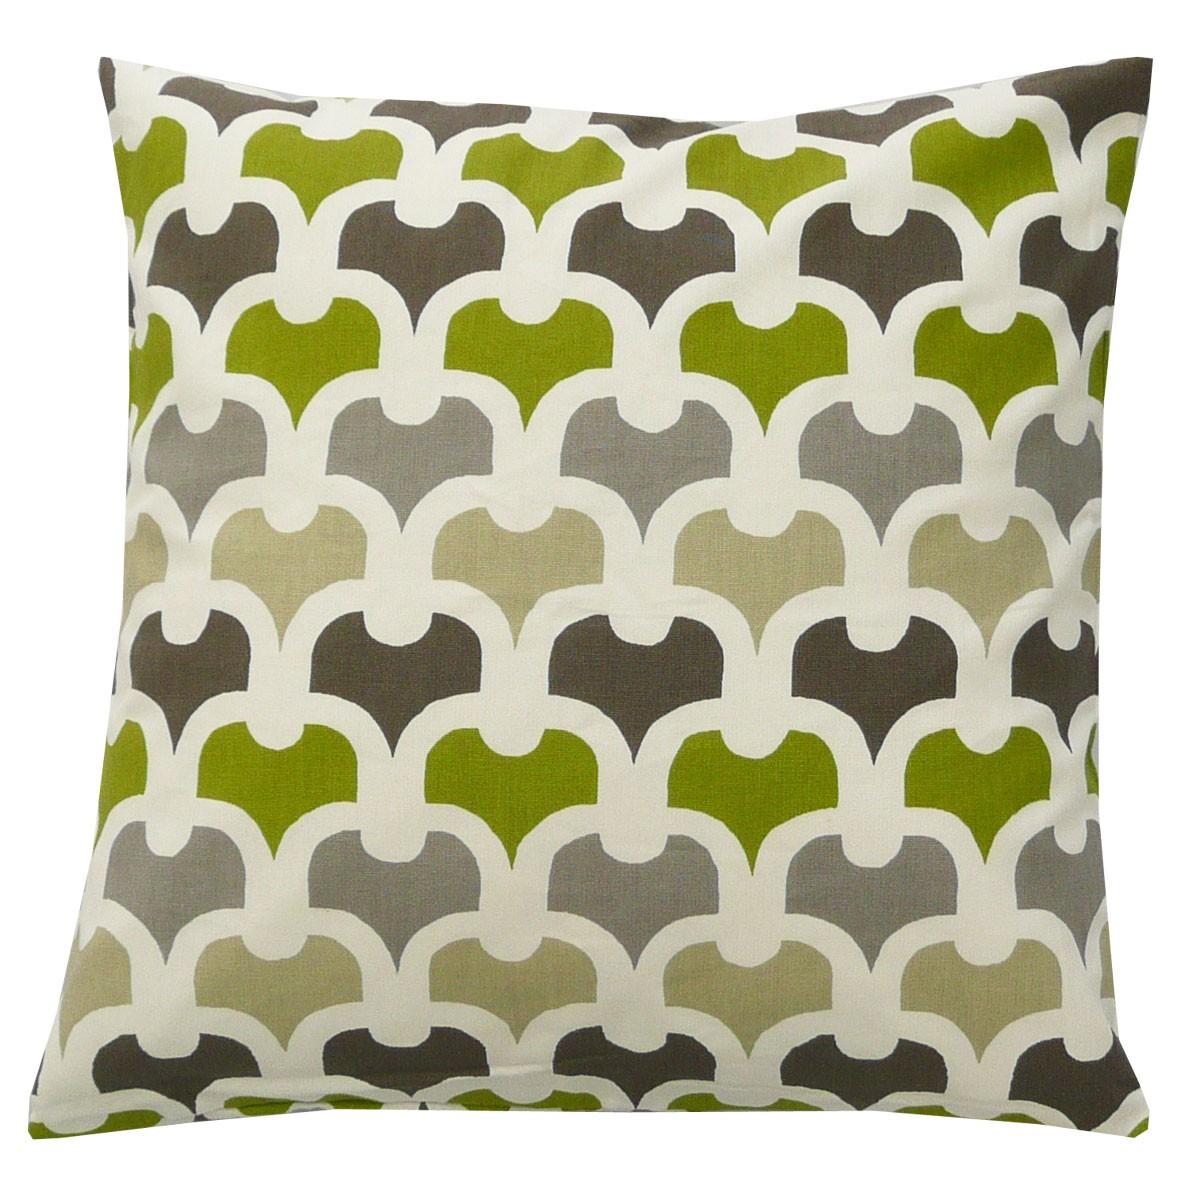 sch ner leben kissen kissenh lle pembury gr n 50x50cm. Black Bedroom Furniture Sets. Home Design Ideas